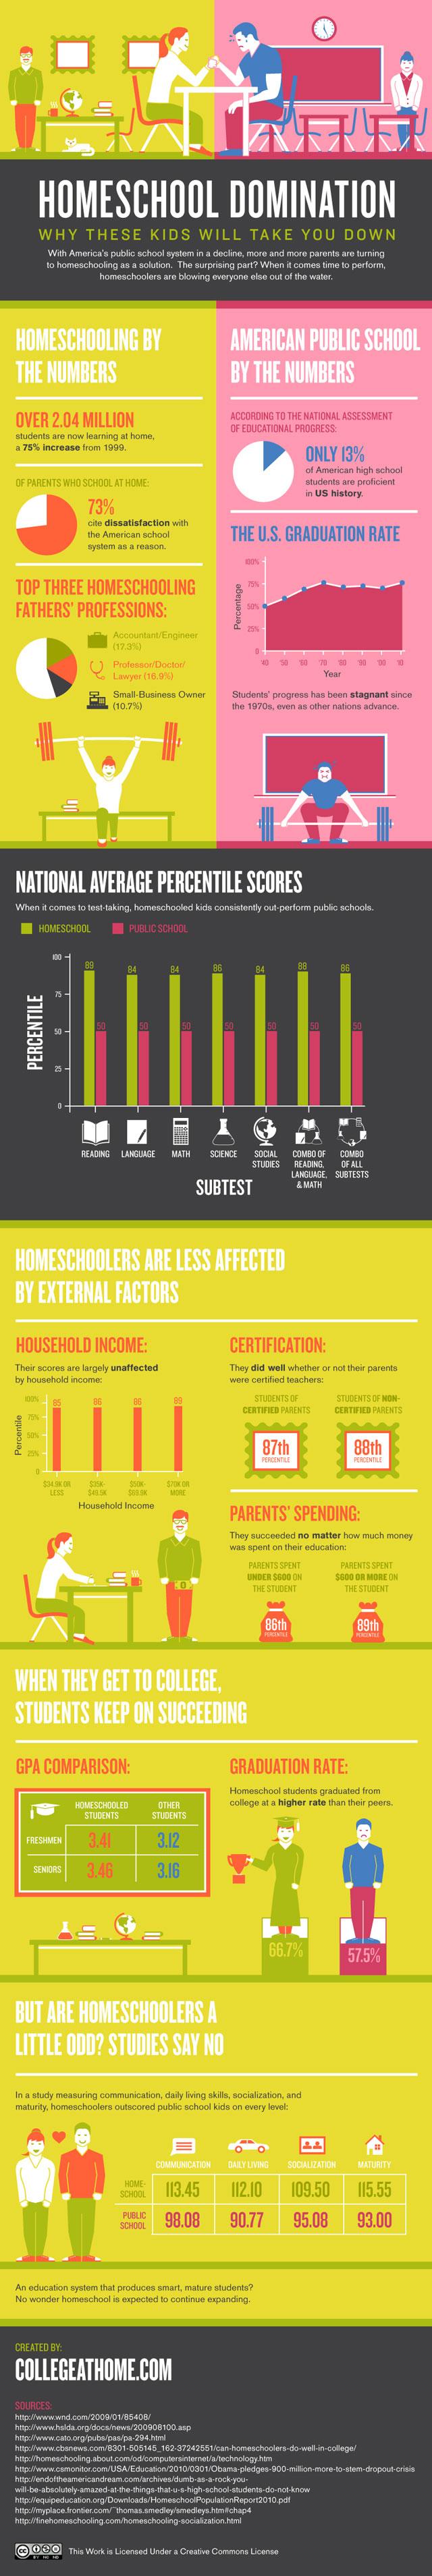 Home schooling versus public schooling